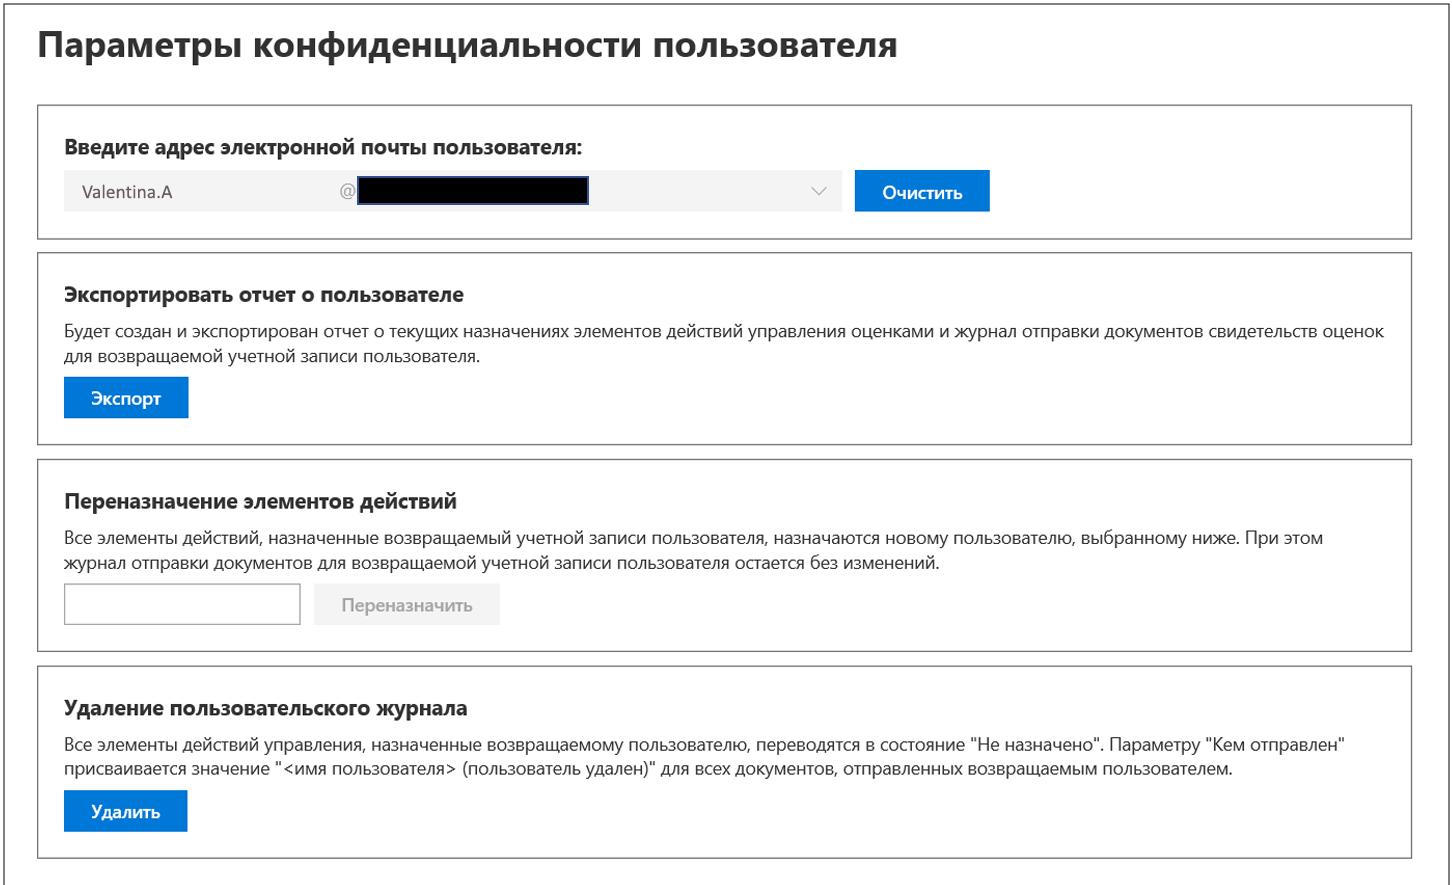 Администрирование диспетчера соответствия требованиям: функции параметров конфиденциальности пользователя